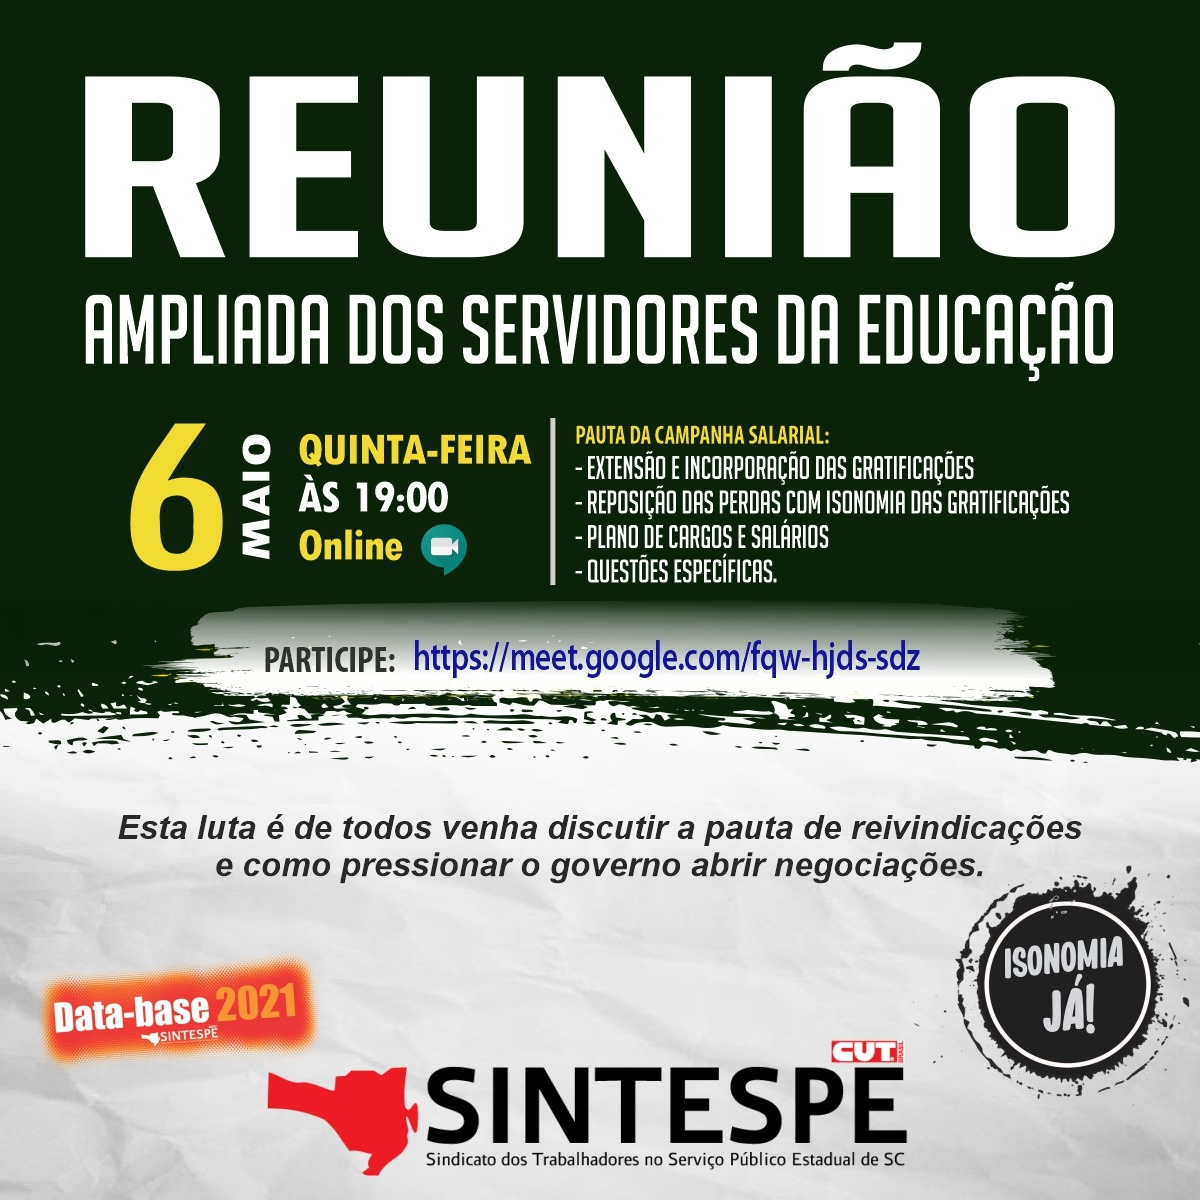 REUNIÃO AMPLIADA DOS SERVIDORES DA EDUCAÇÃO